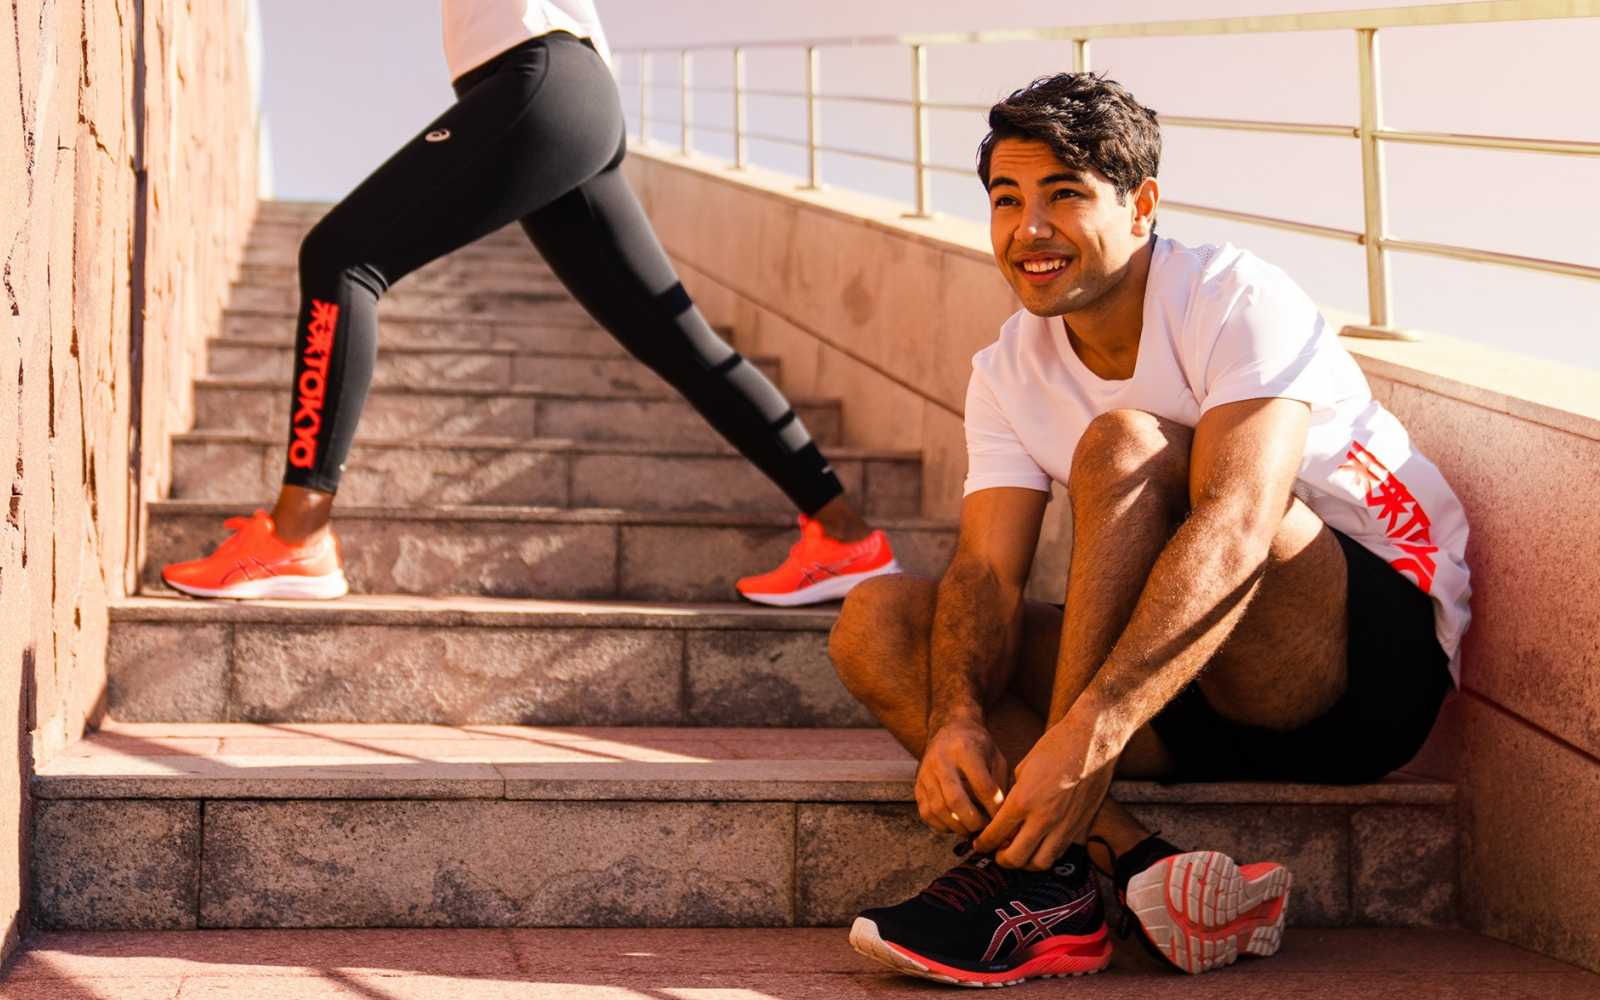 2 ragazzi sulle scarpe vestiti con abbigliamento tecnico da running asics collezione tokyo sunrise red